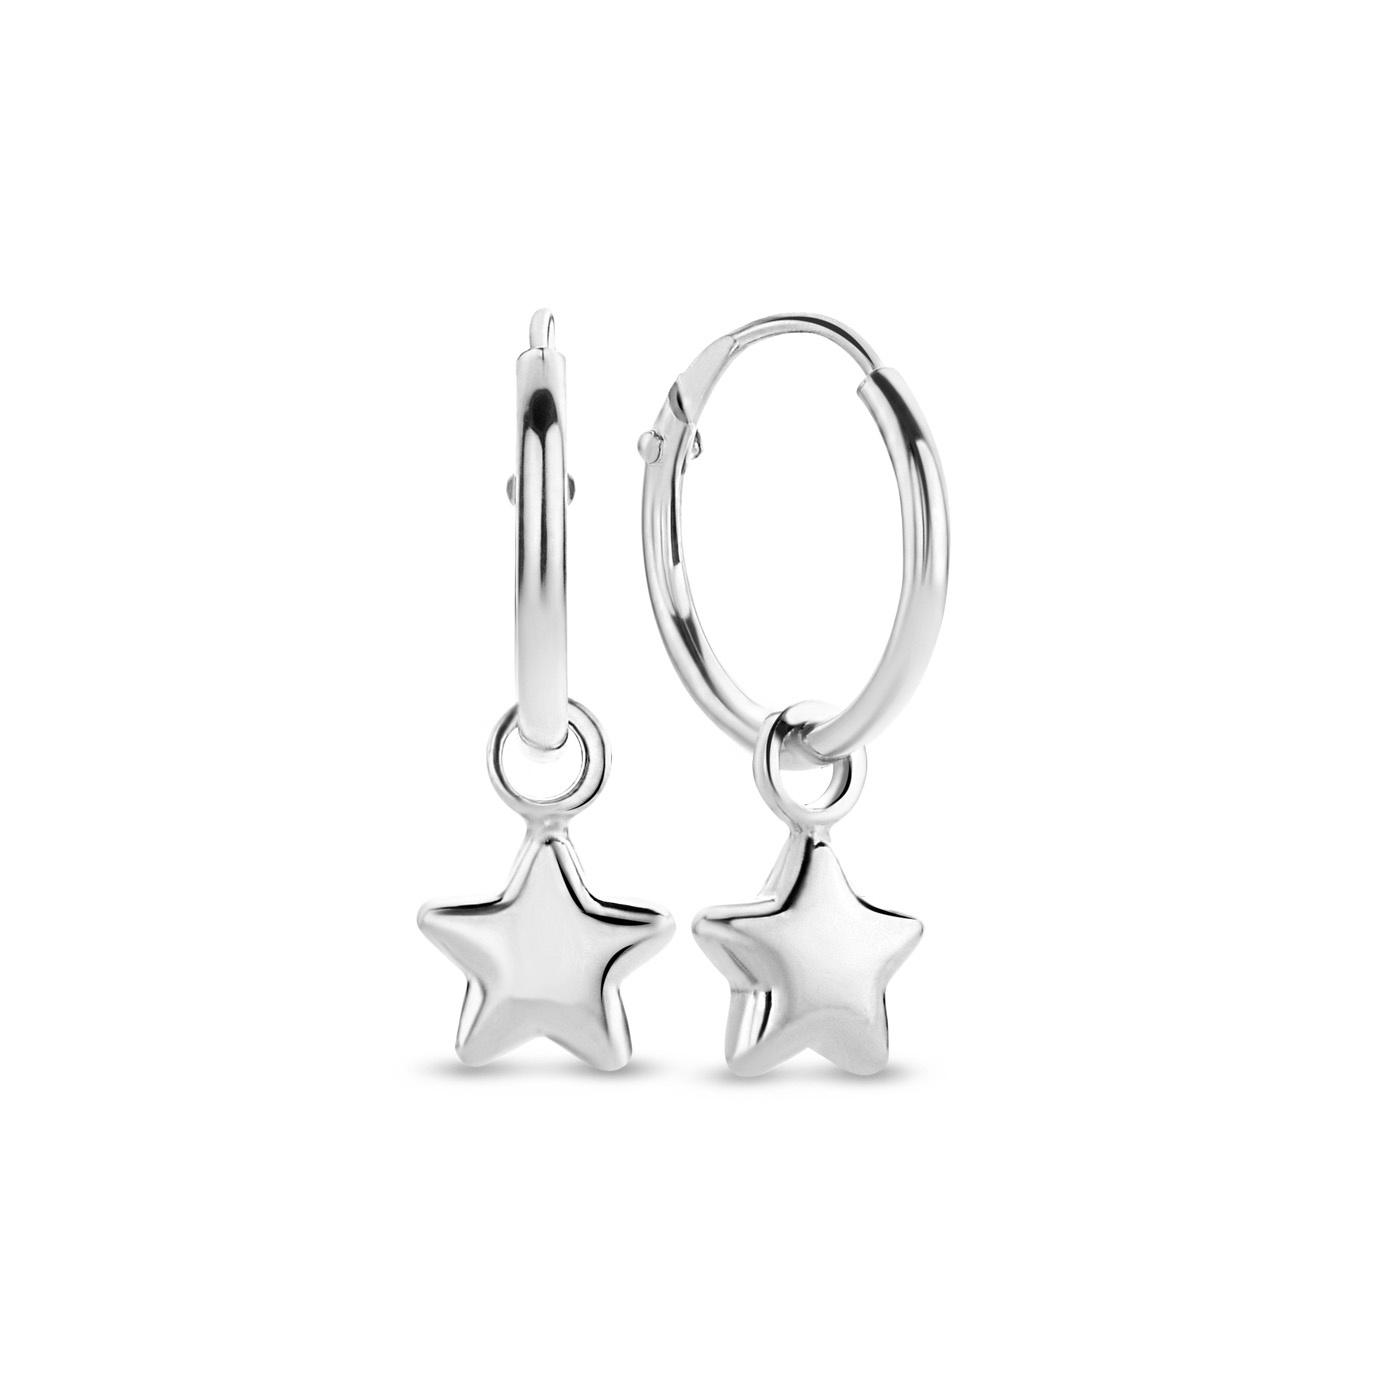 Selected Jewels Julie Esthée 925 sterling silver hoop earrings with stars